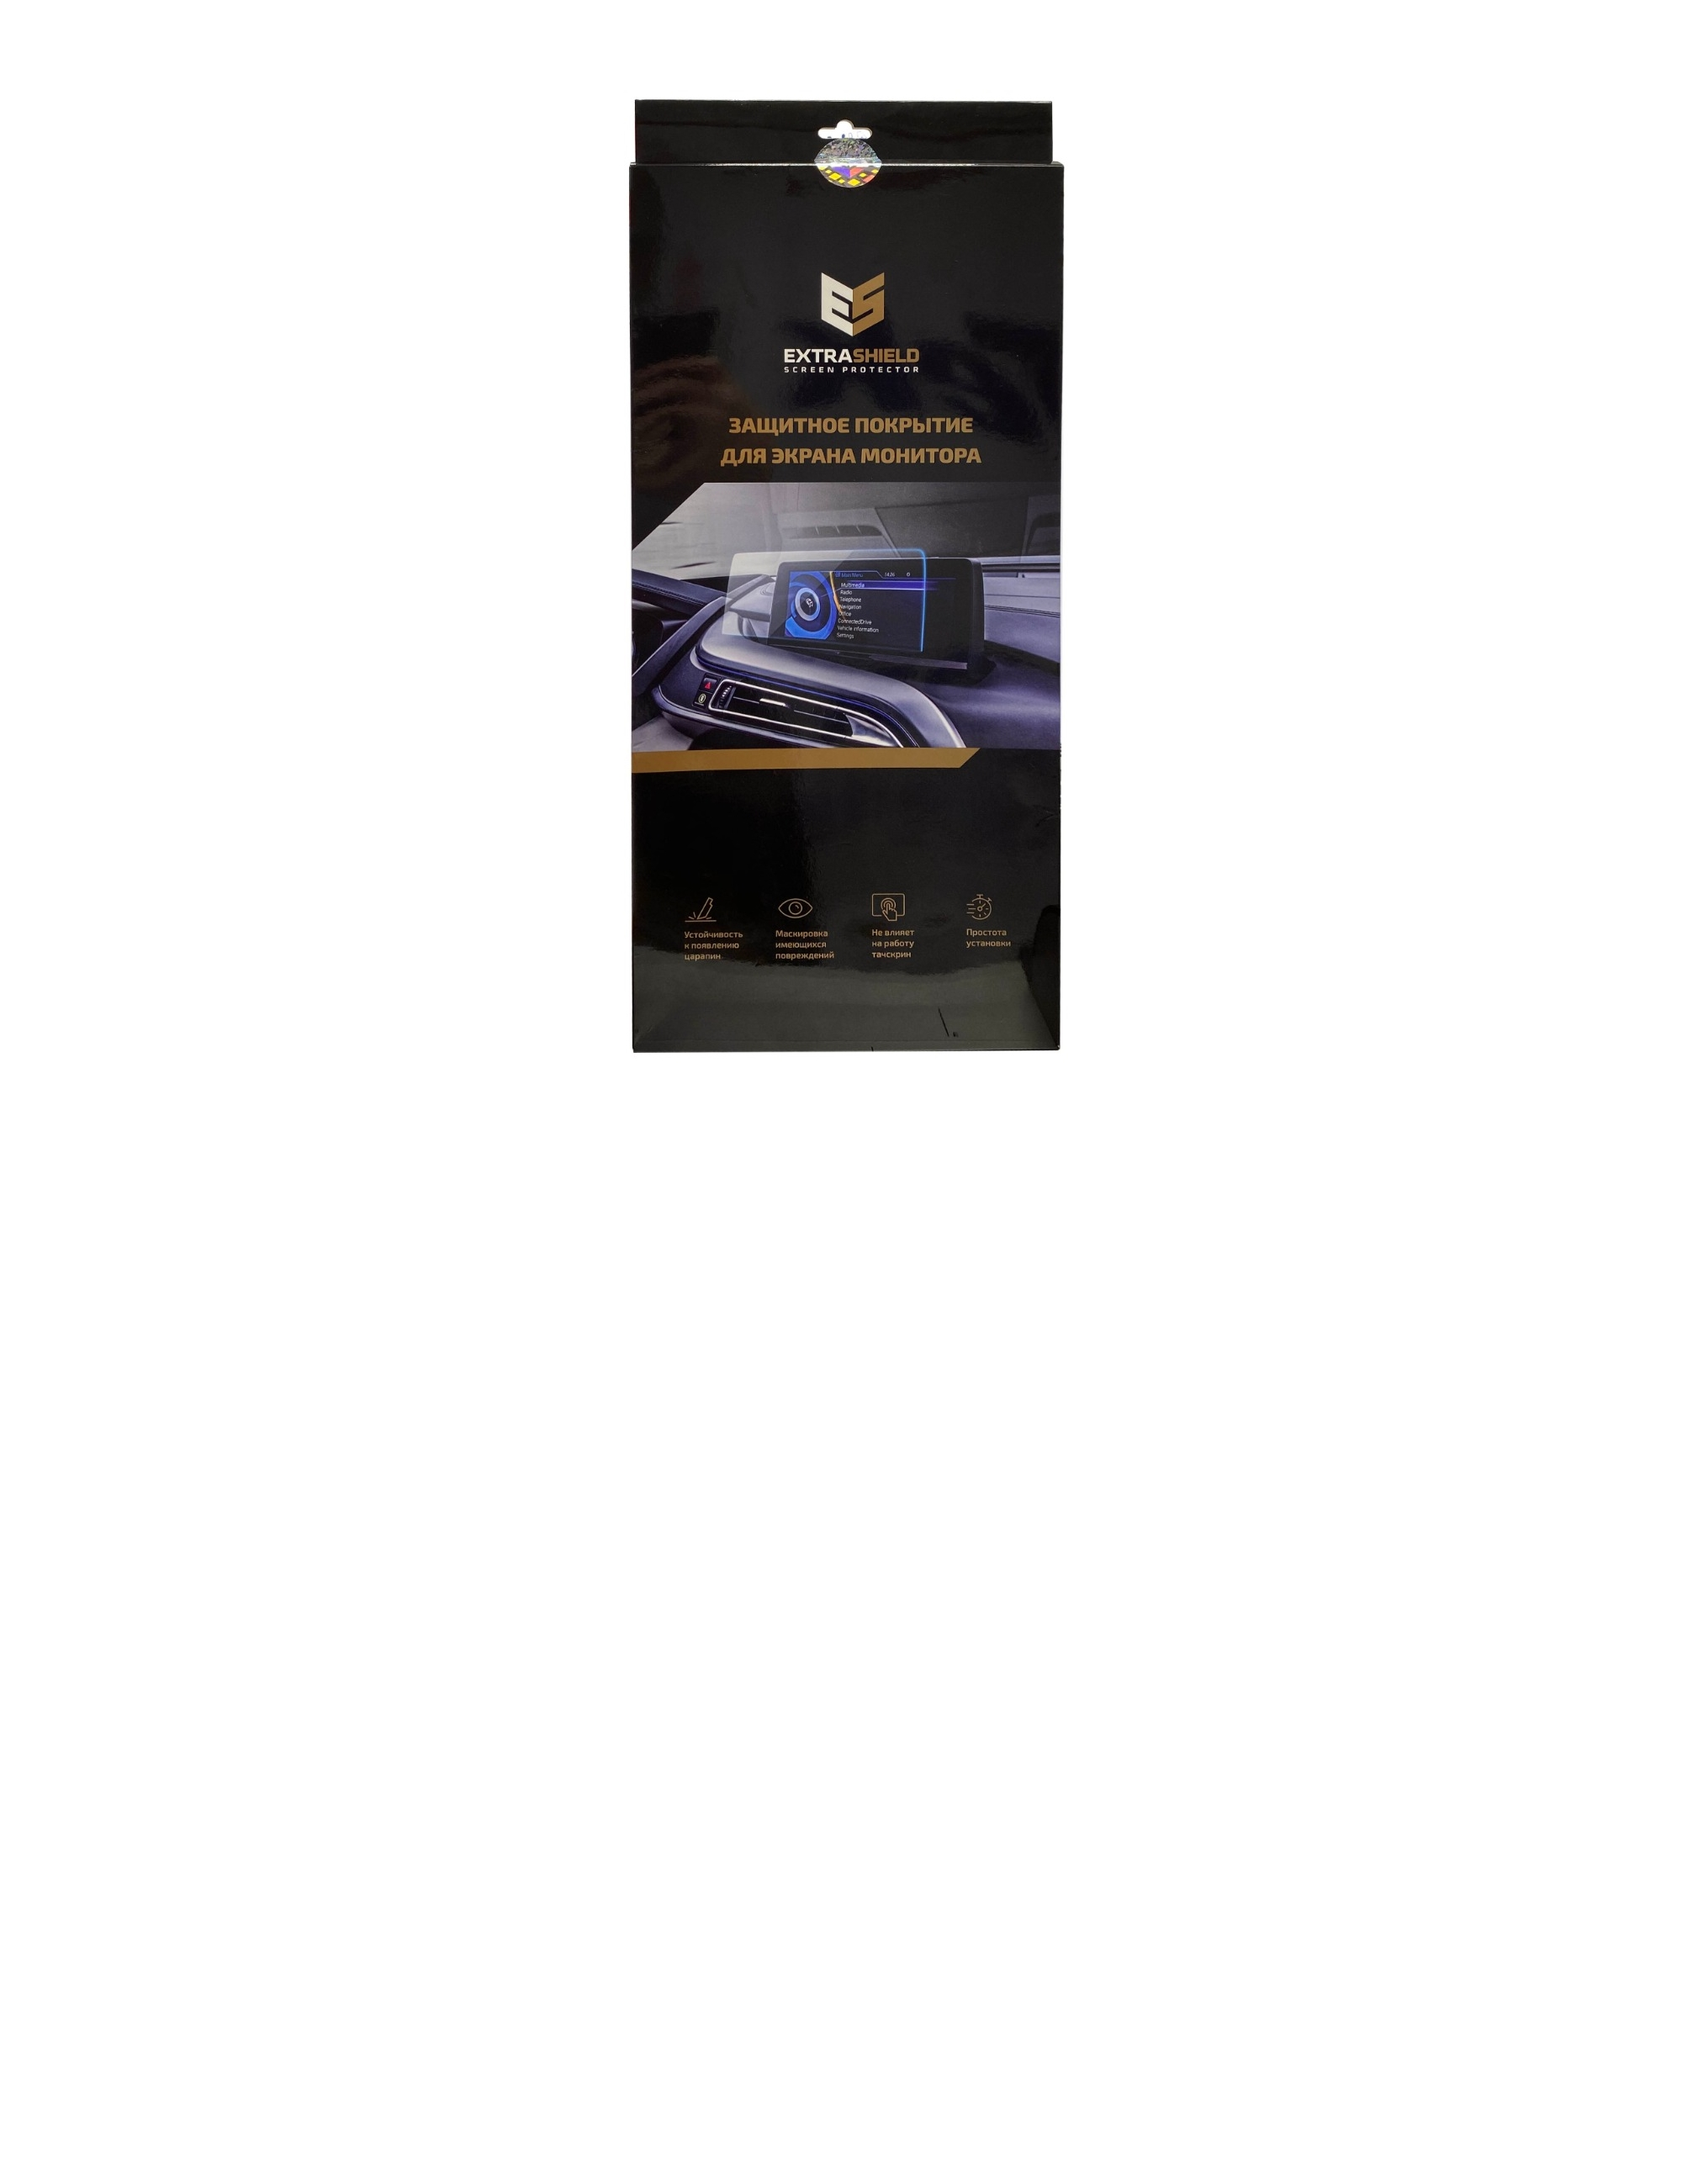 BMW X3 (F25) 2014 - 2017 мультимедиа NBT 8.8 Защитное стекло Матовая